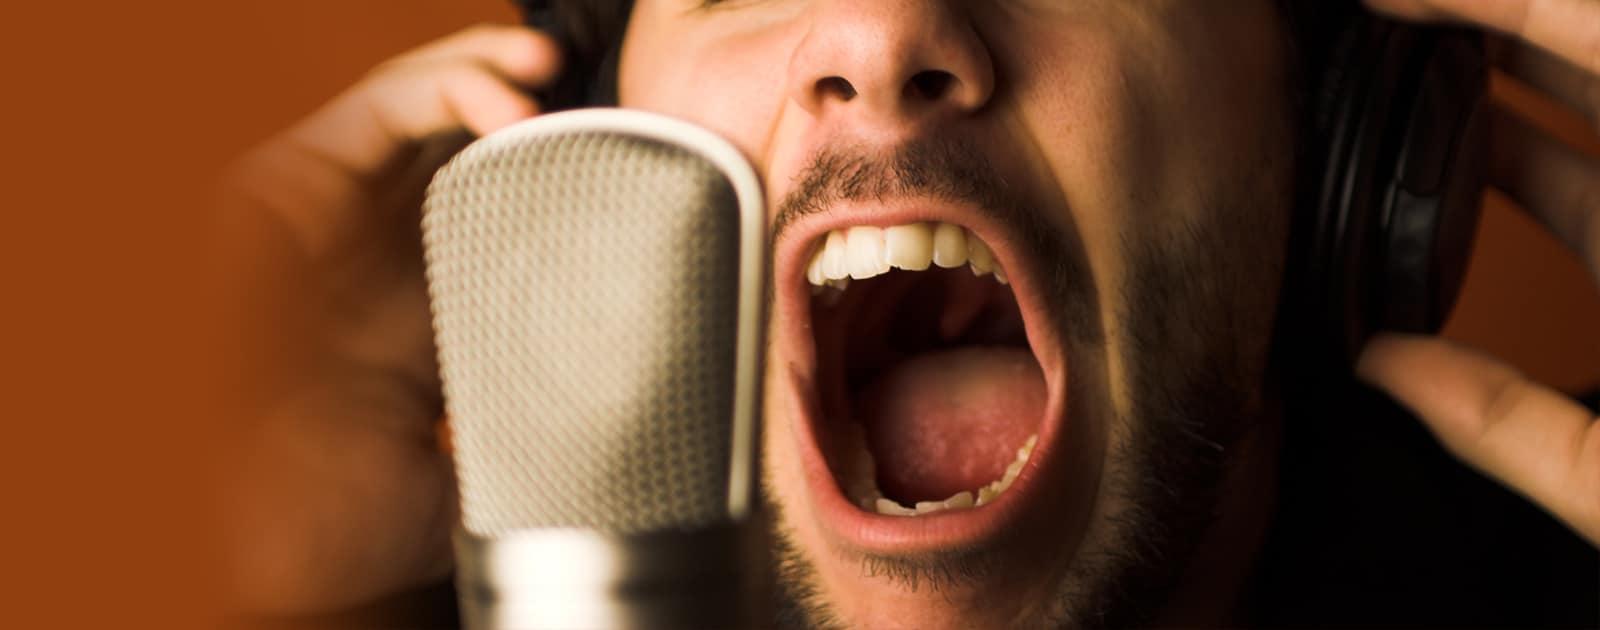 Viens crier ta cause dans le micro